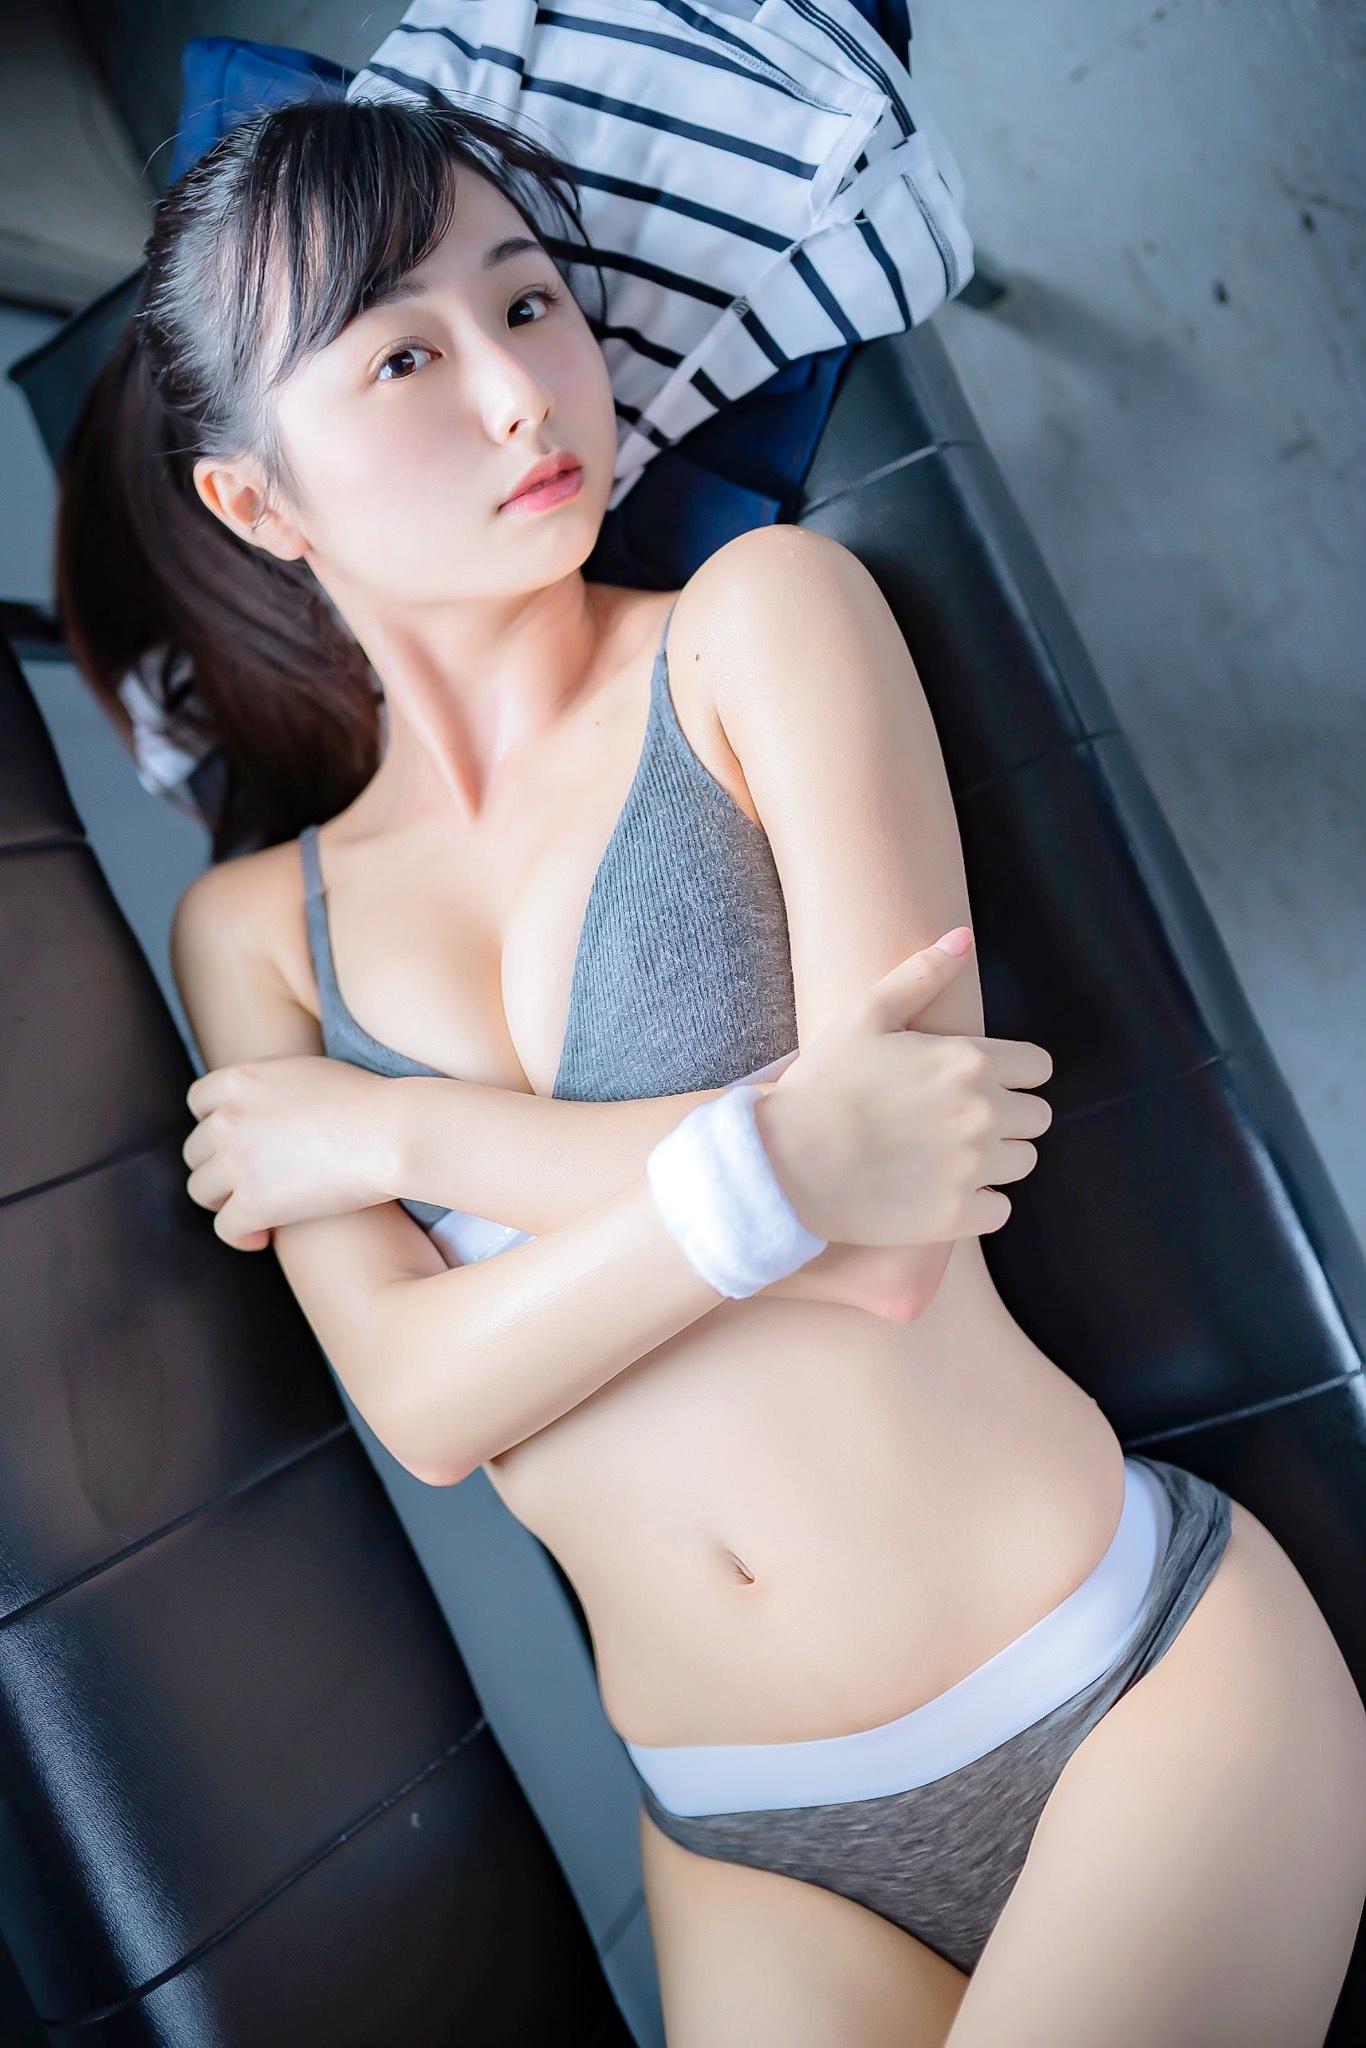 kurita__emi 1208648994638819328_p0